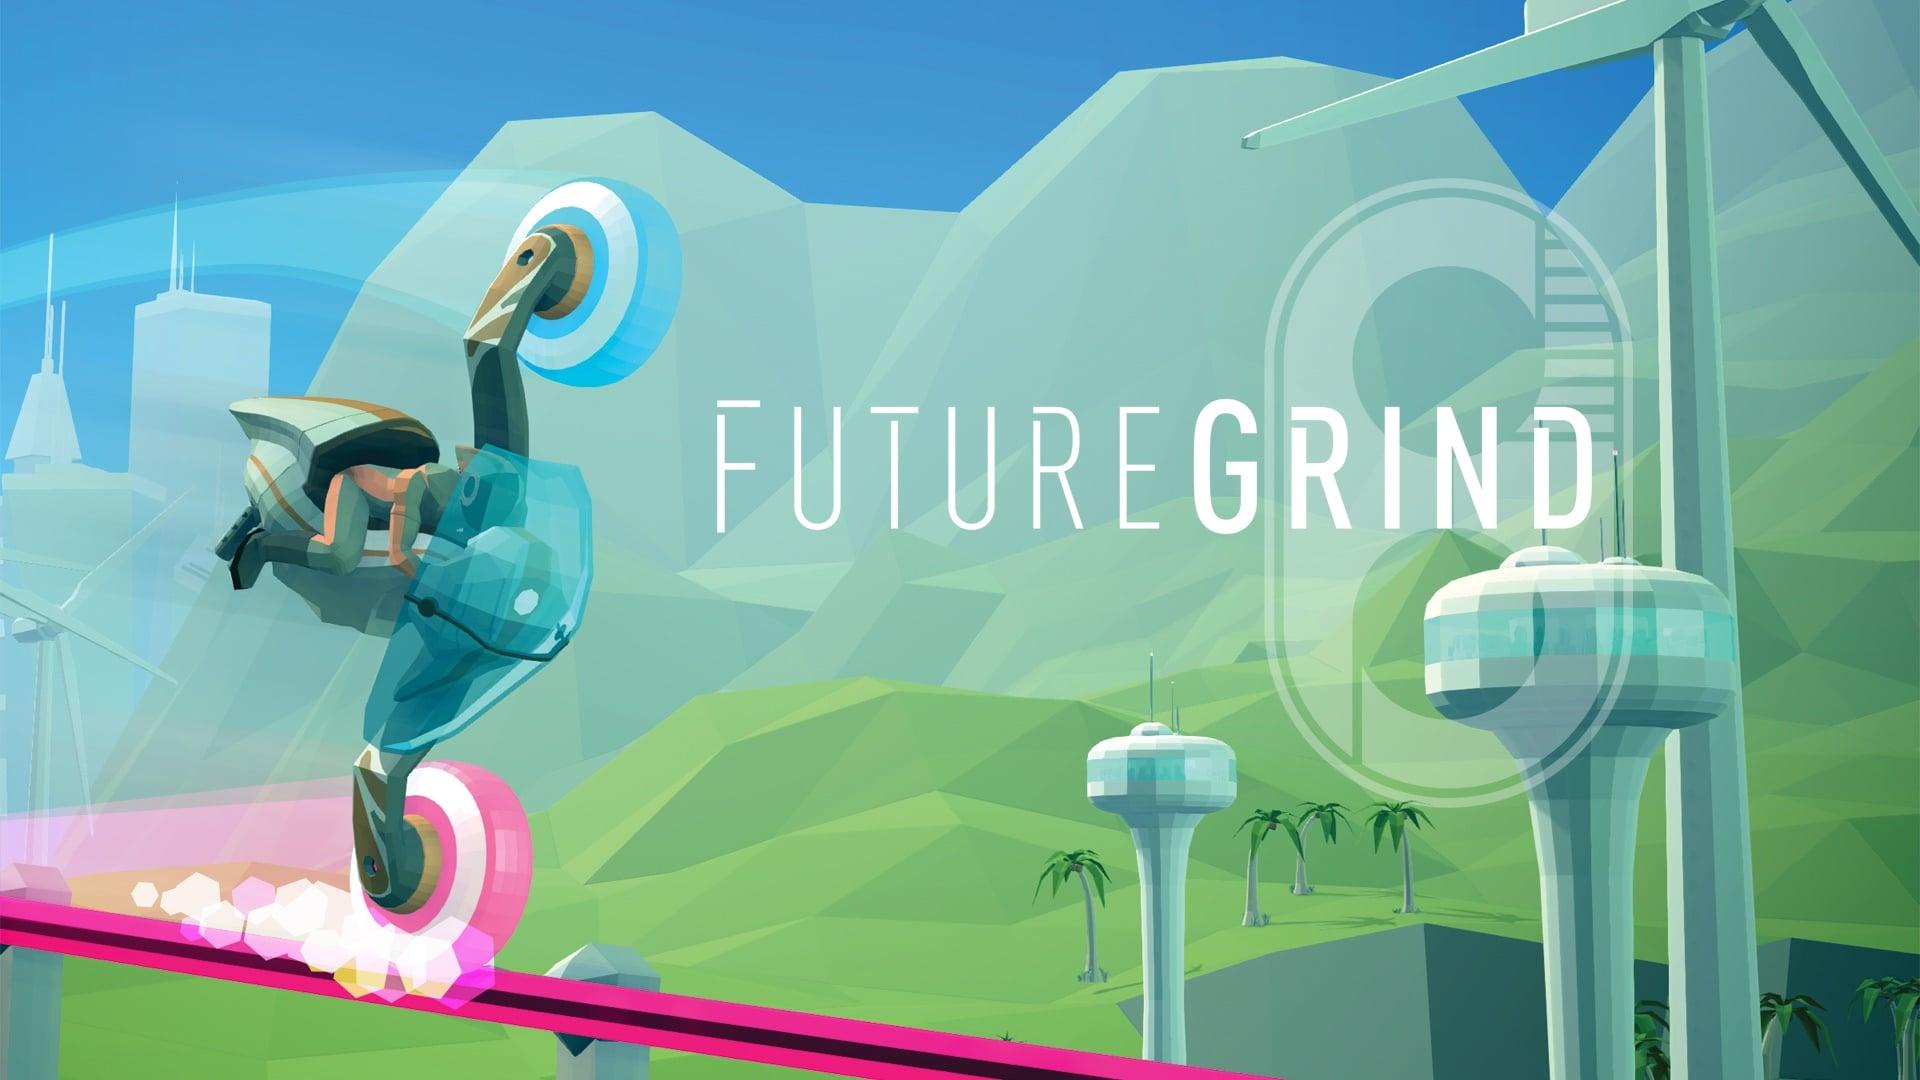 Resultado de imagen para futuregrind